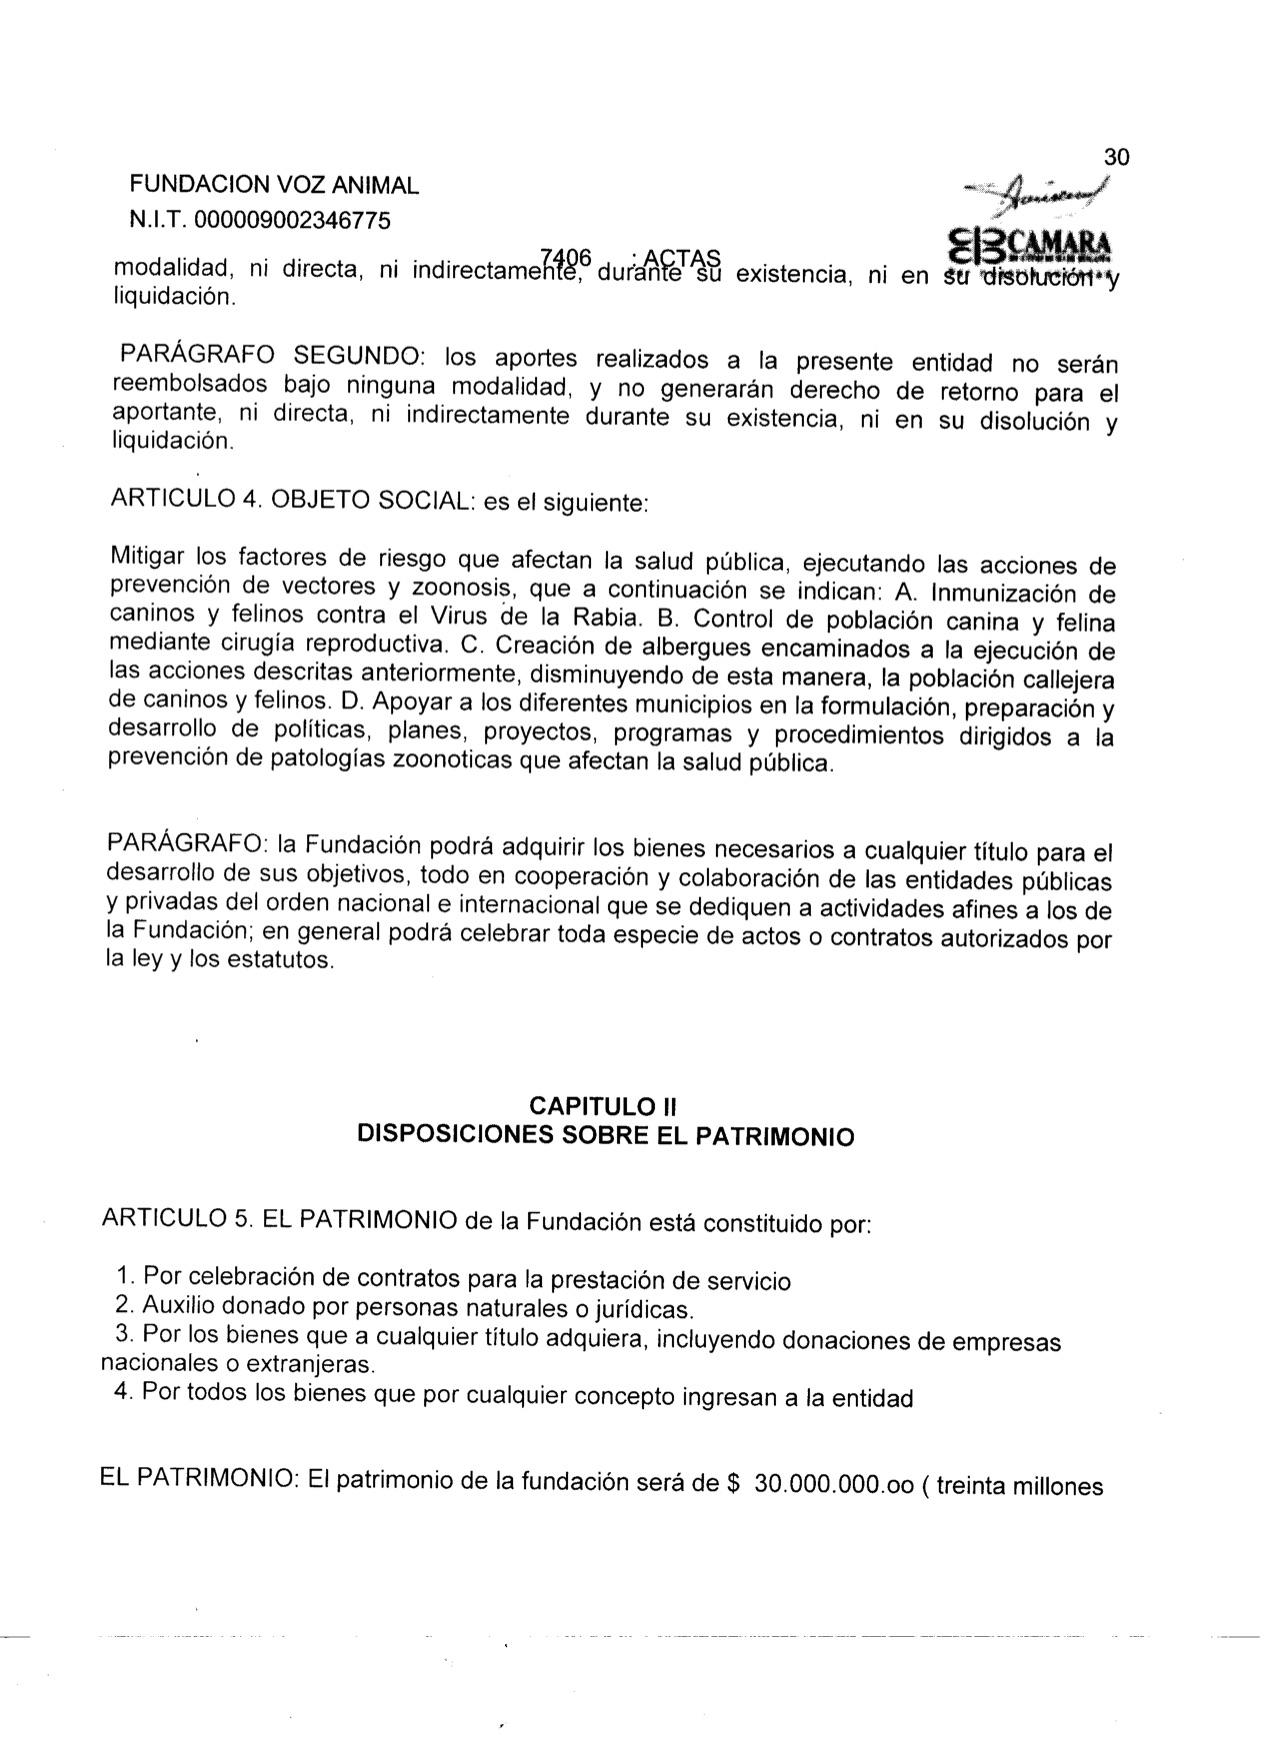 7. ACTA ASAMBLEA DE SOCIOS 2018 8